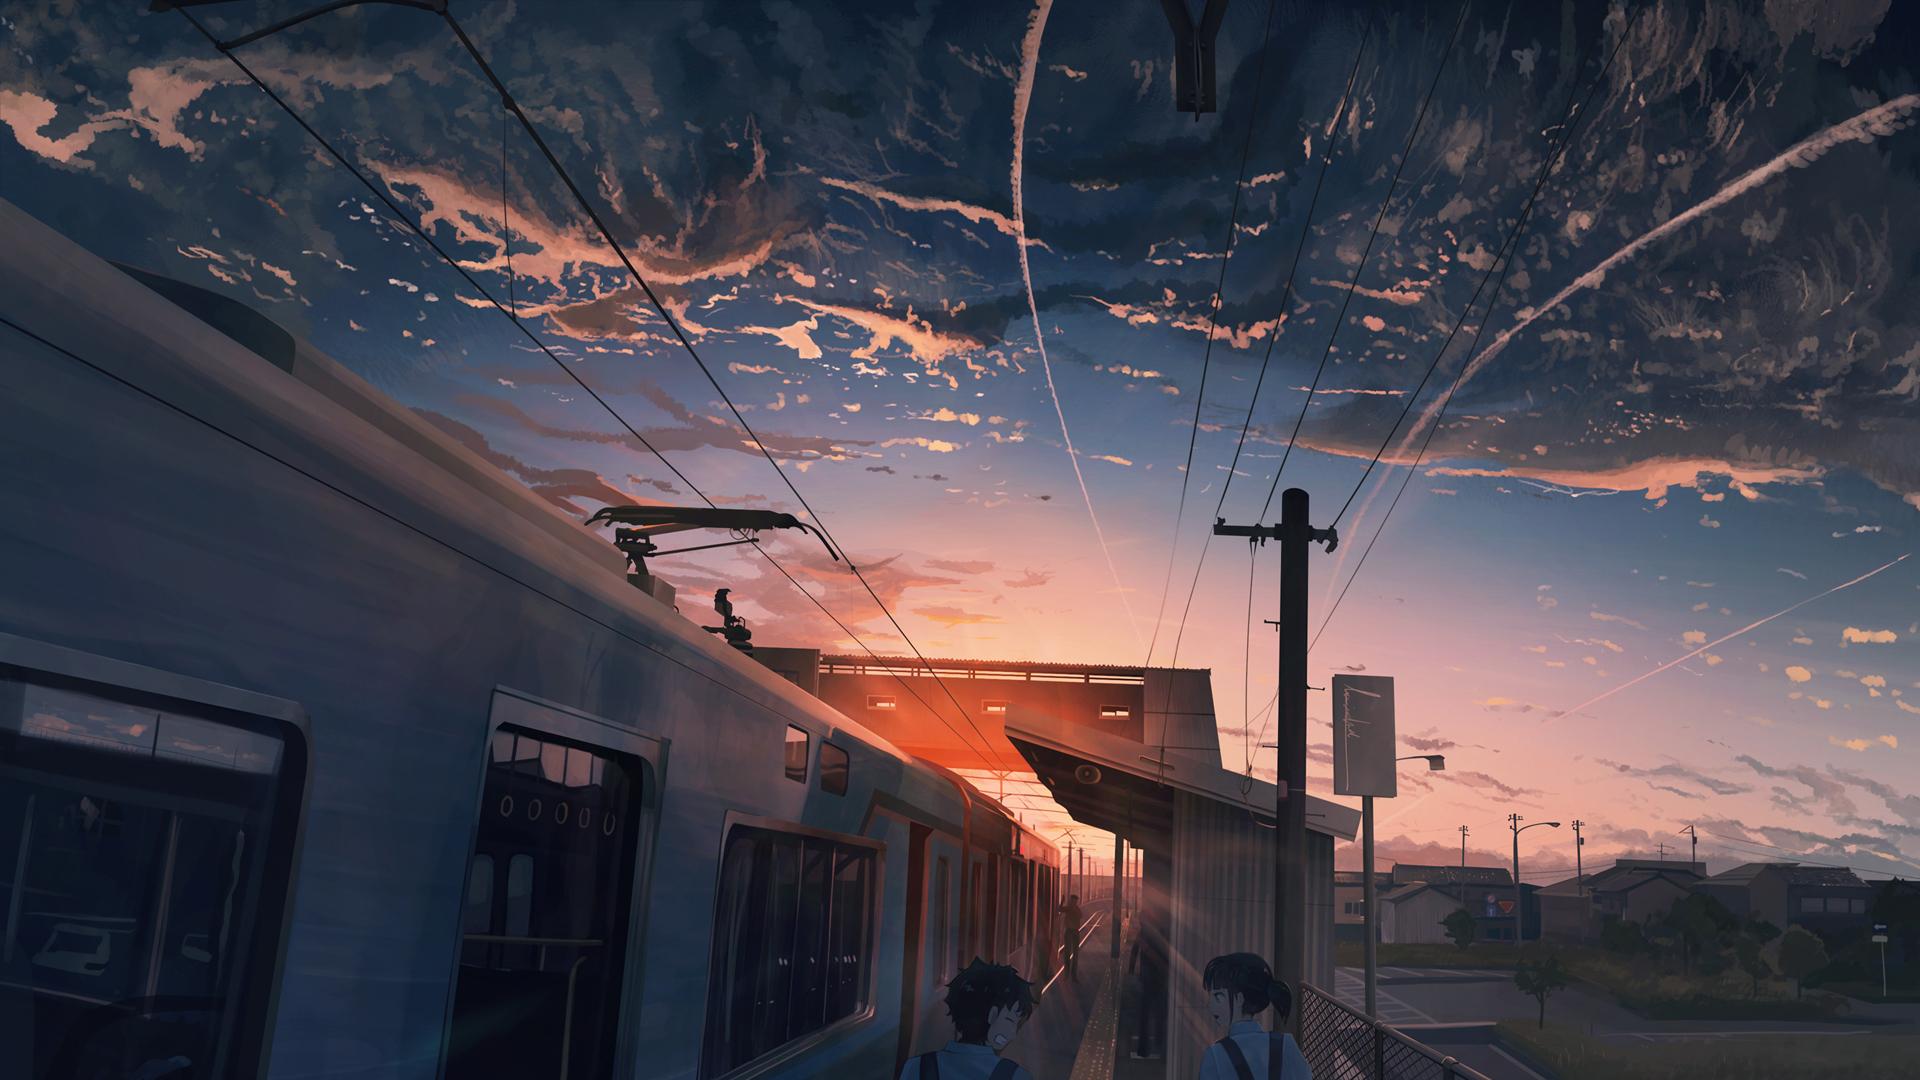 天空 夕阳 电车 女孩男孩 动漫人物风景壁纸-动漫壁纸